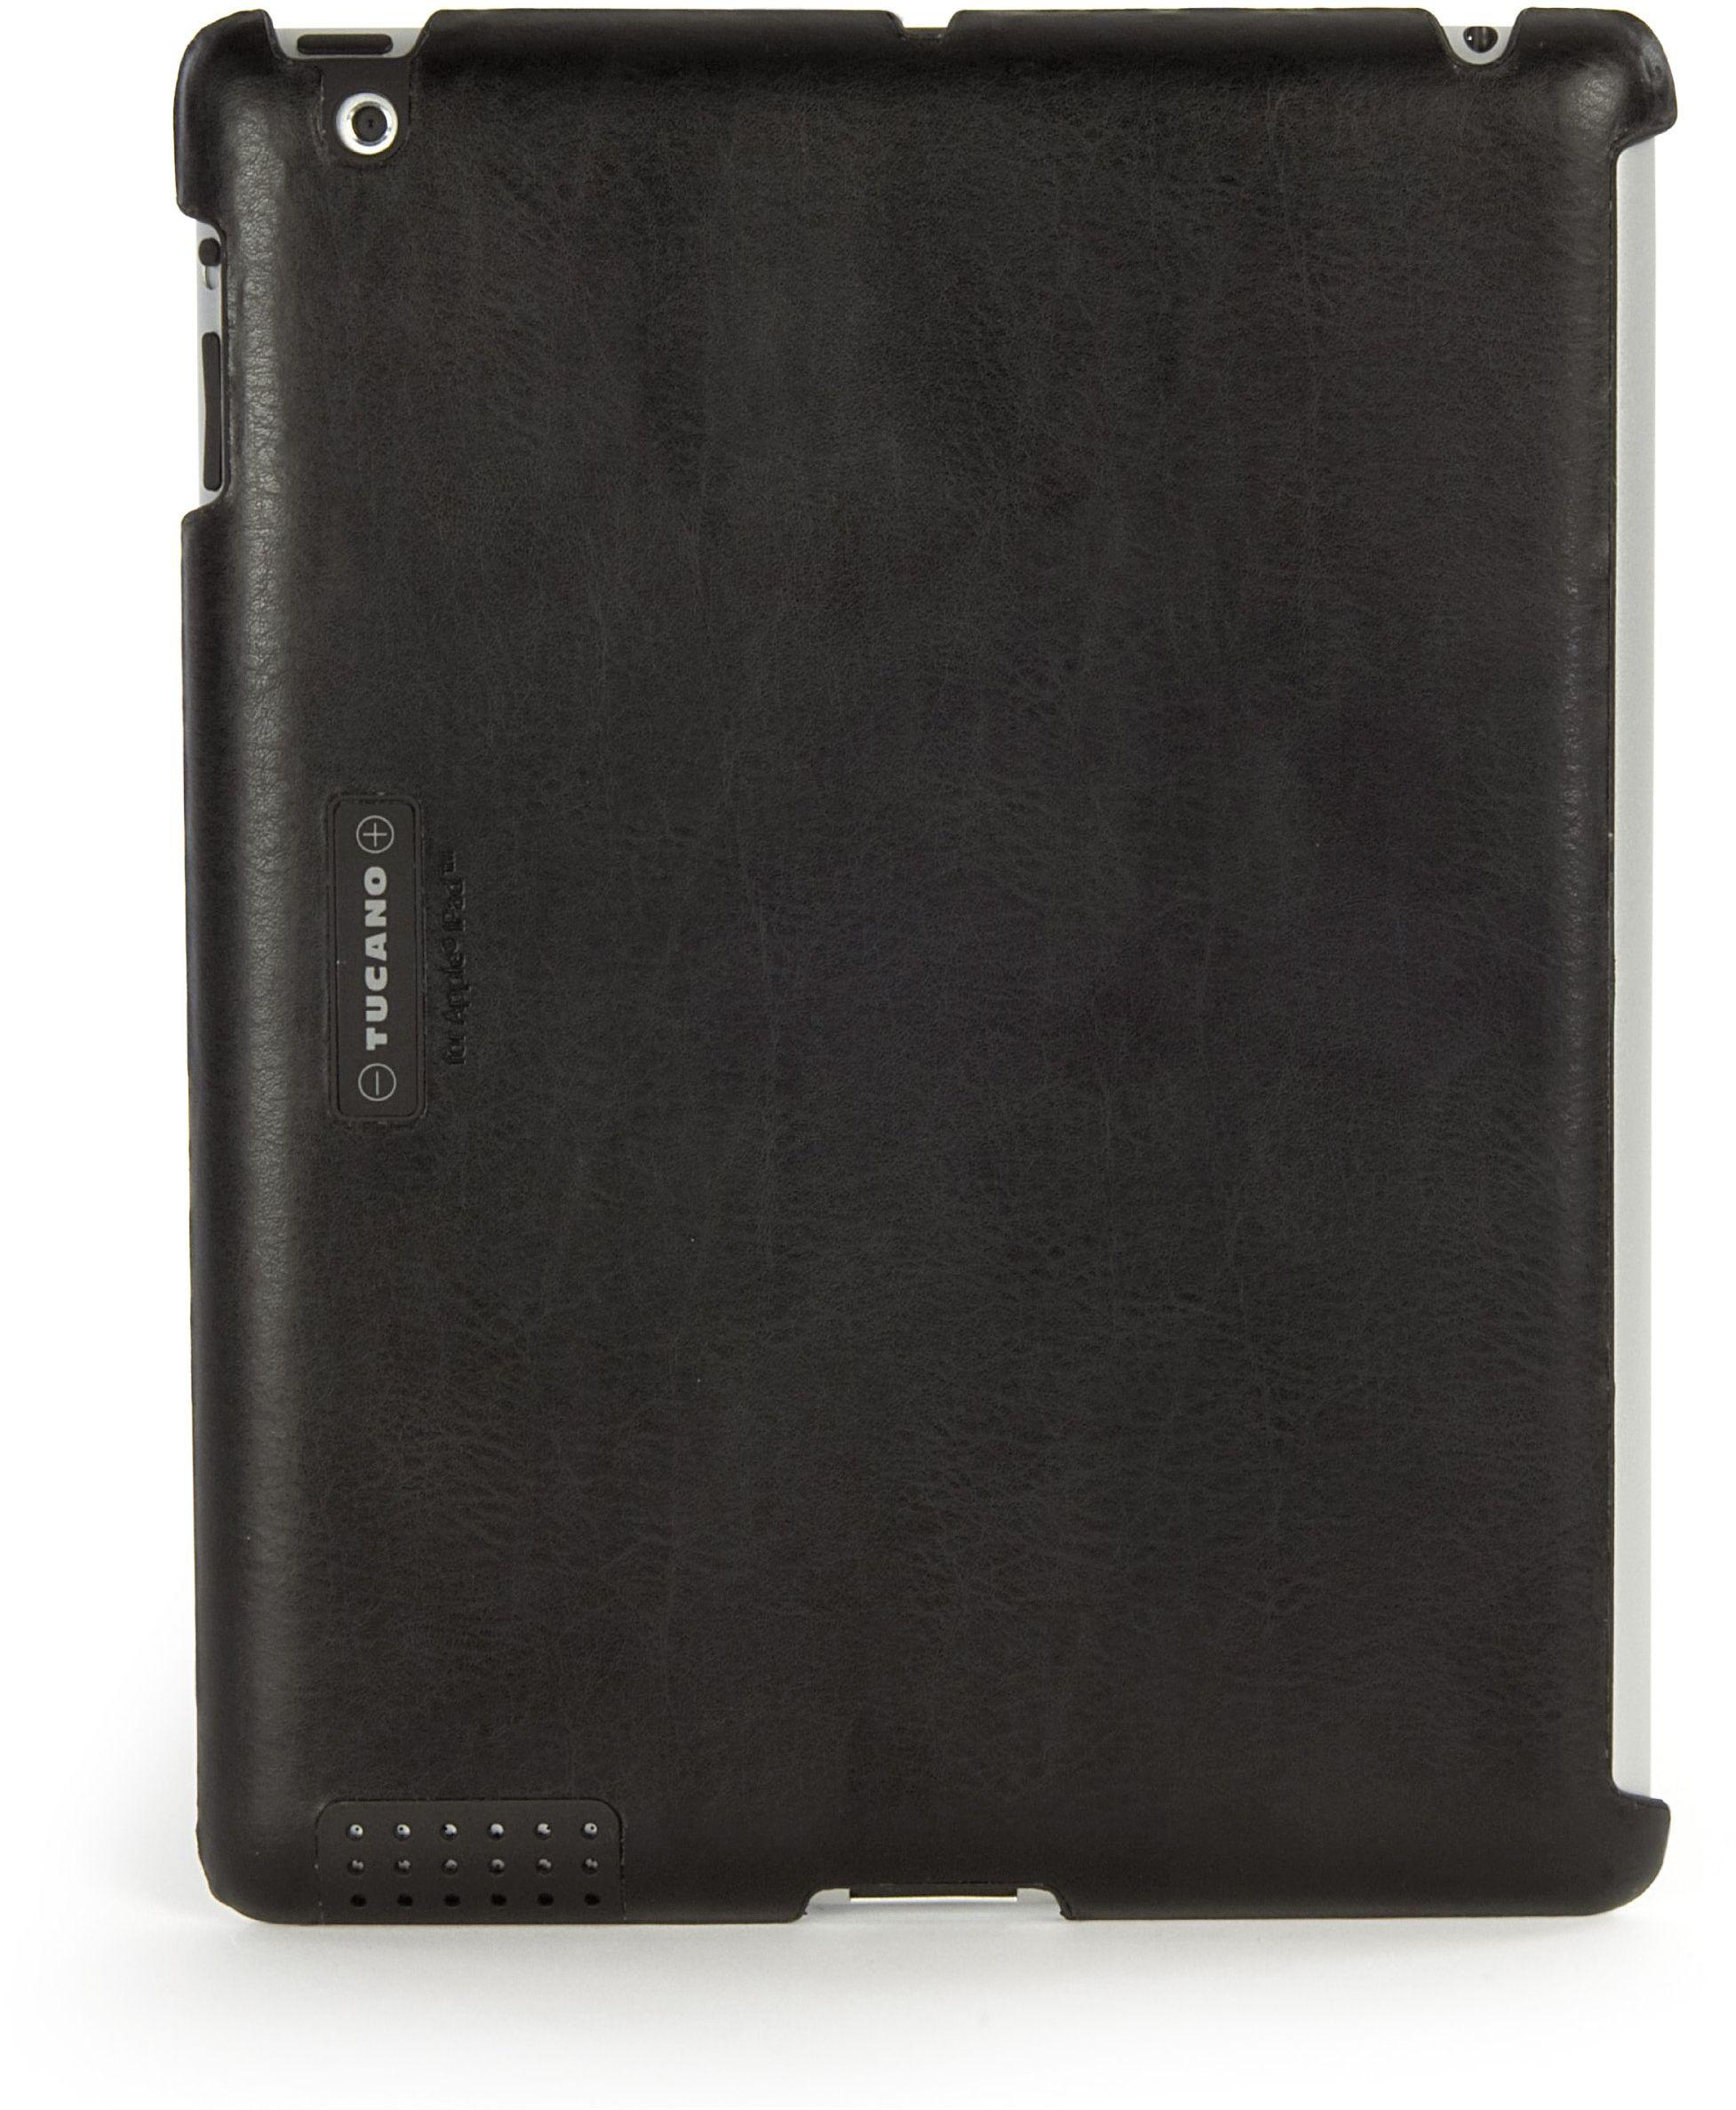 Tucano IPDMA czarne etui ochronne na tablet  etui ochronne na tablet (czarny, skóra, 185 mm, 241 mm, 150 g, 185 x 8,8 x 241 mm)